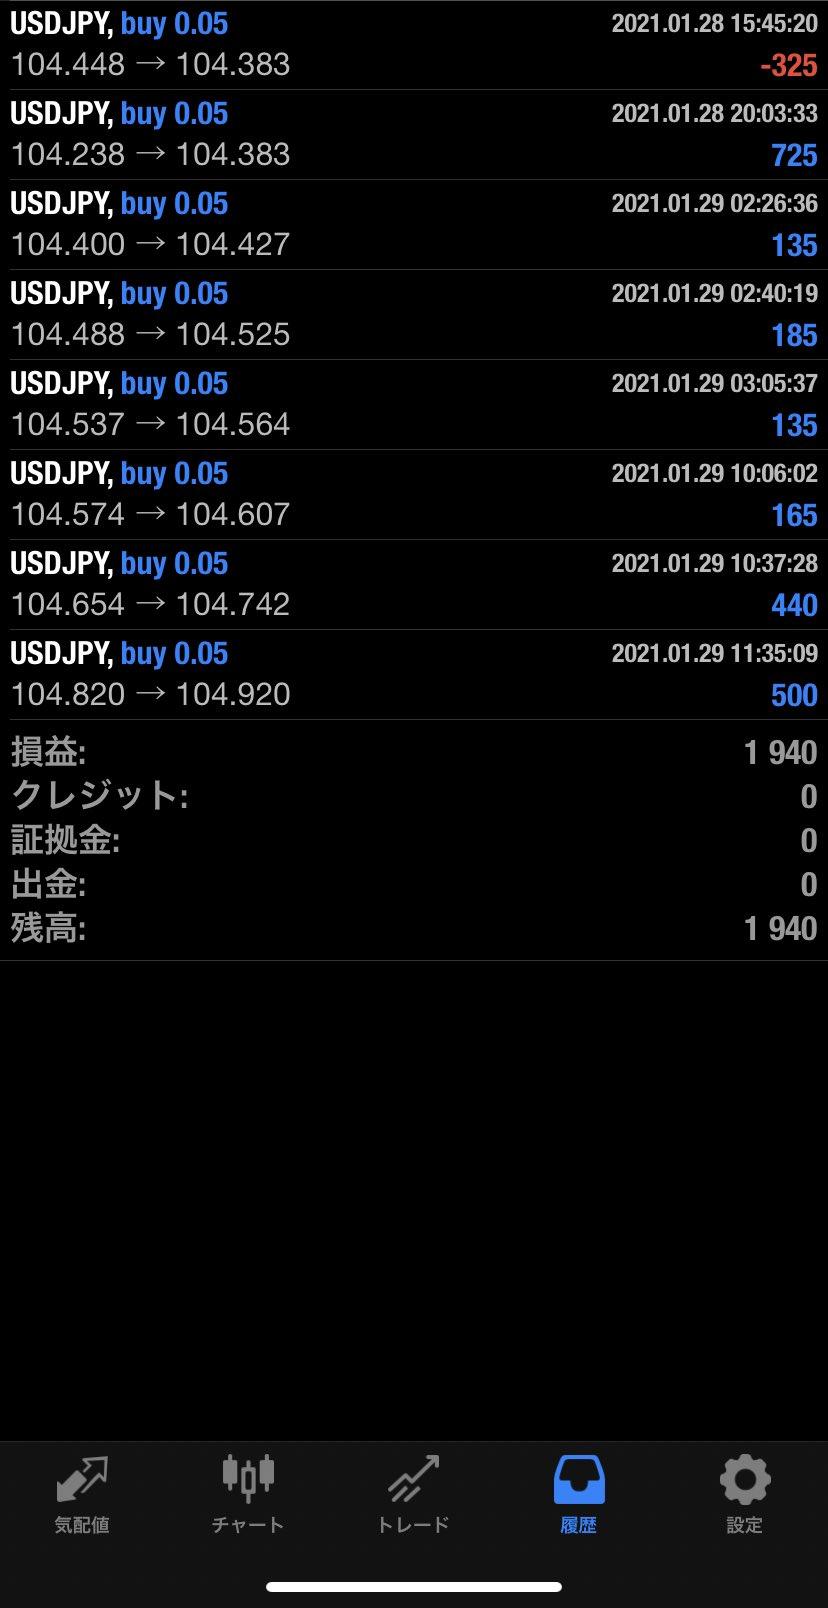 2021年1月29日 USD/JPYバージョン1,940円